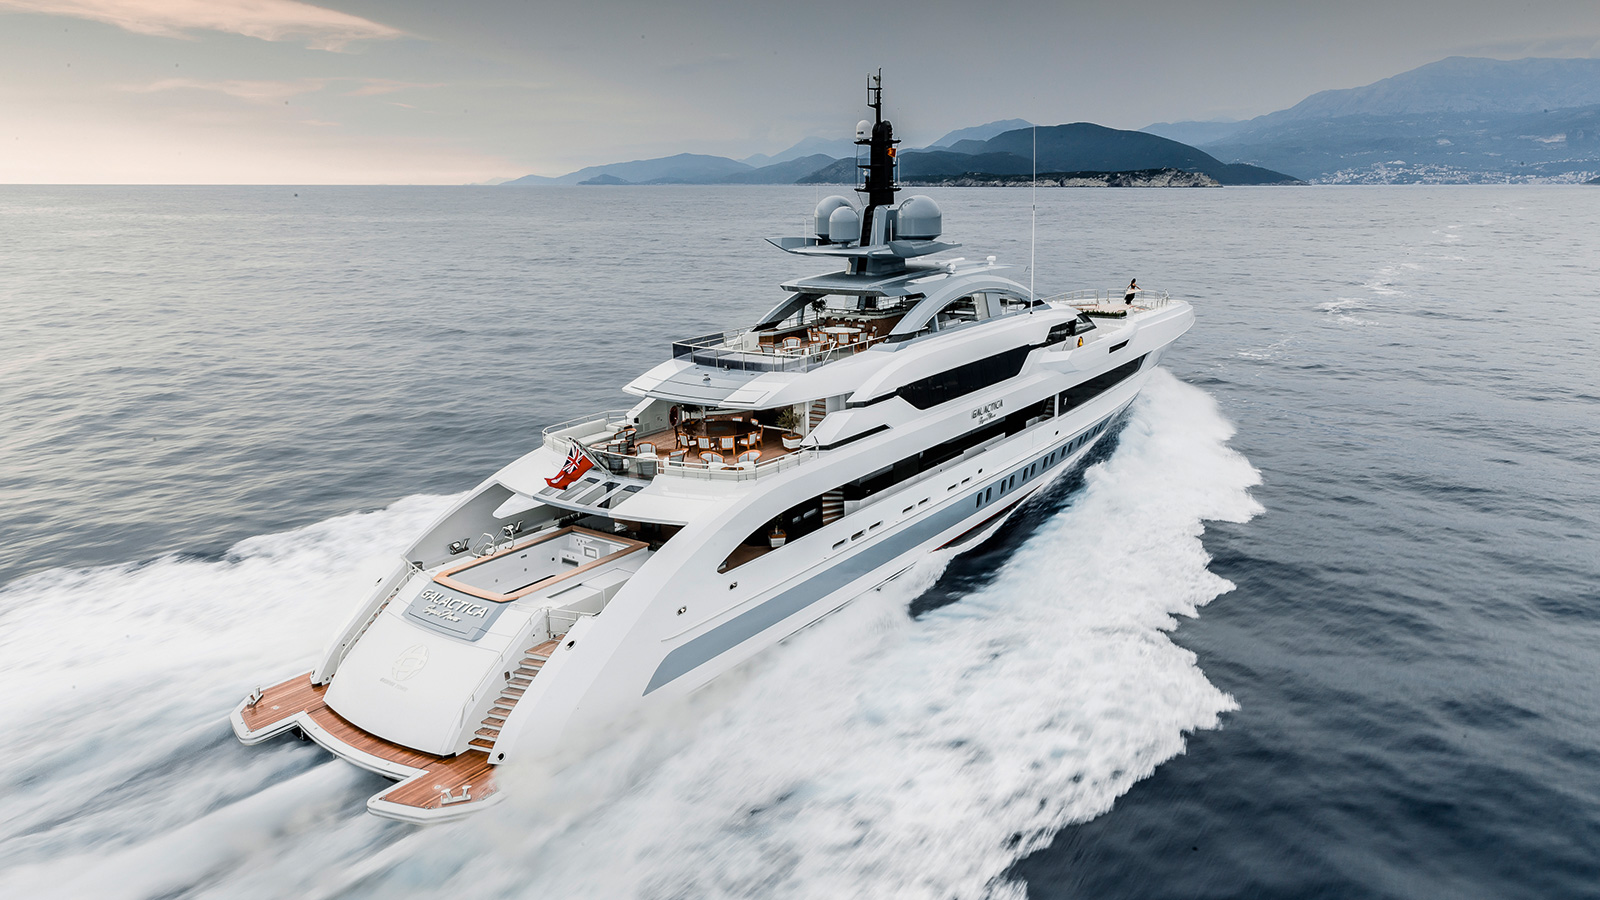 running-shot-of-heesen-flagship-yacht-galactica-super-nova